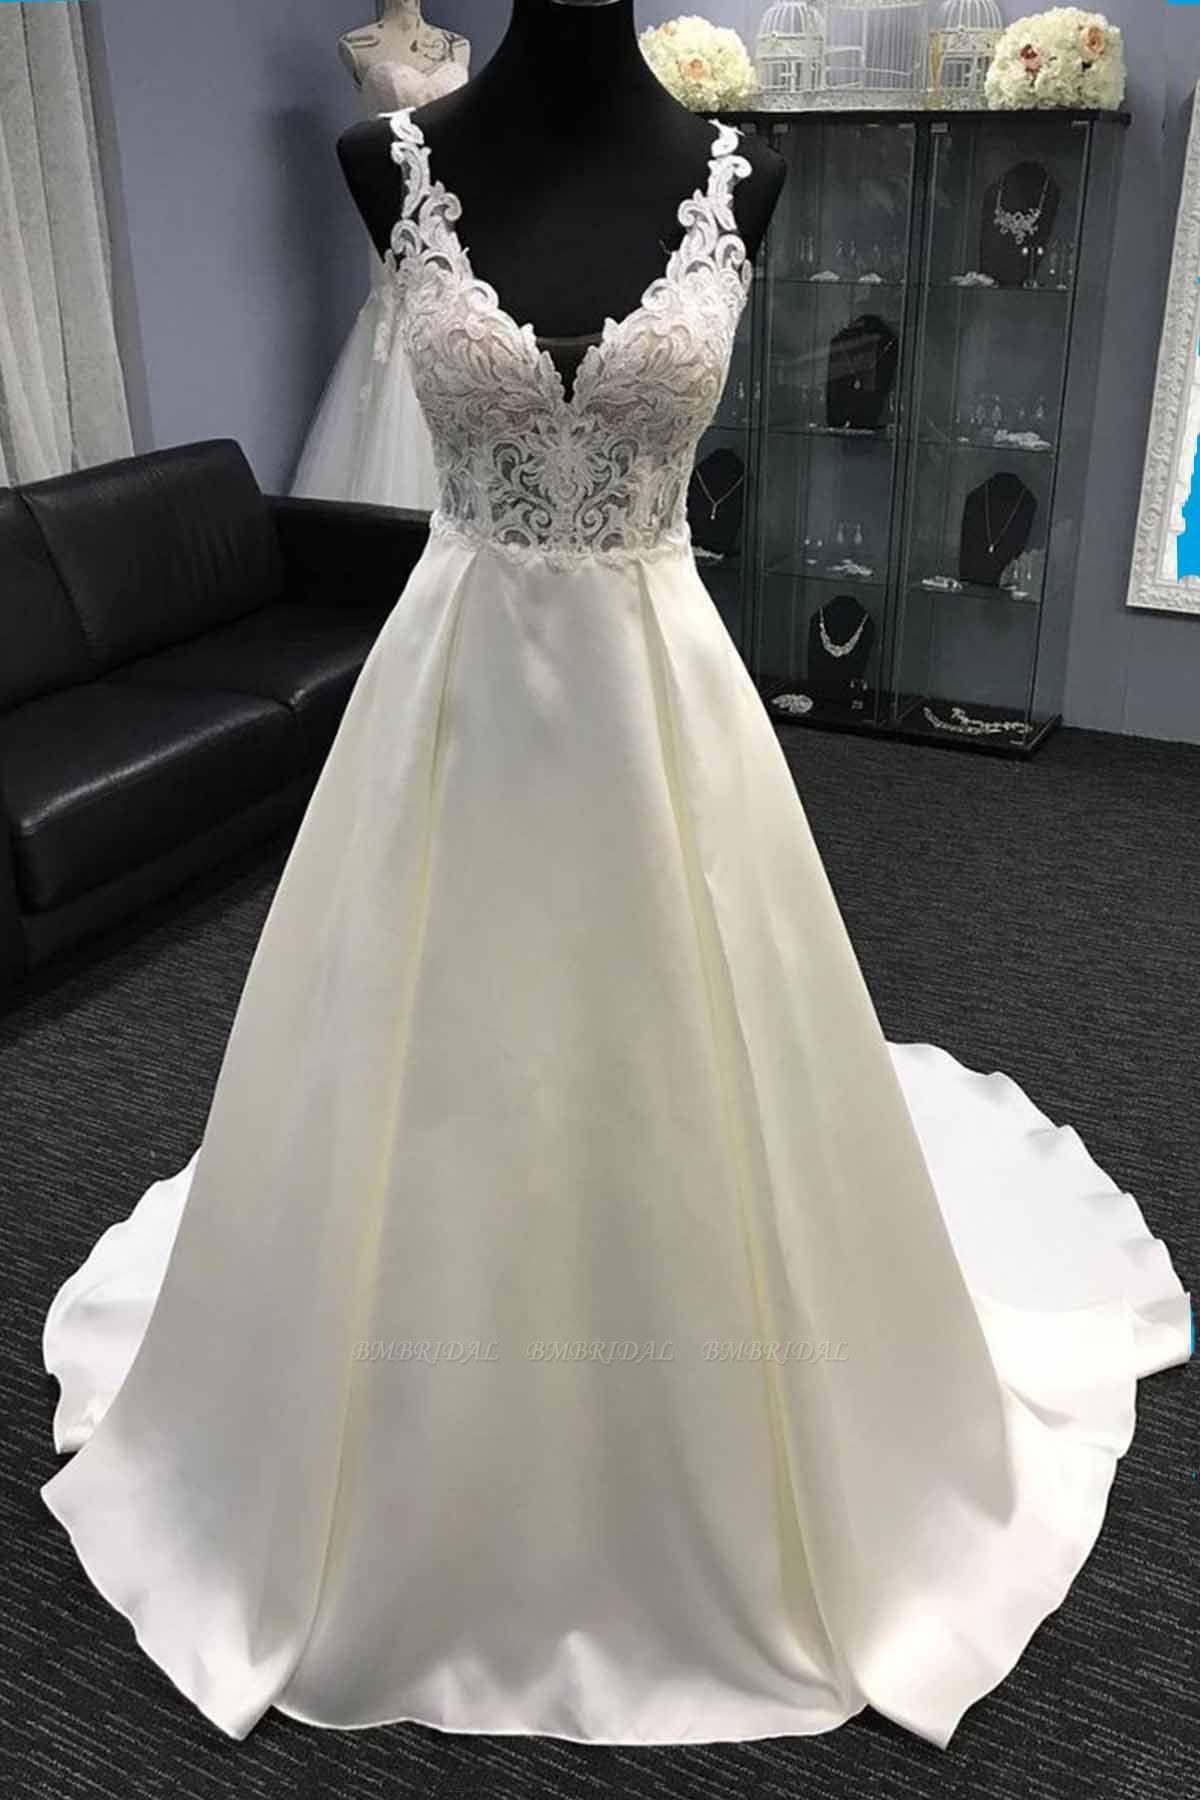 BMbridal Glamorous White Satin V-Neck Wedding Dress A-Line Halter Bridal Gowns On Sale